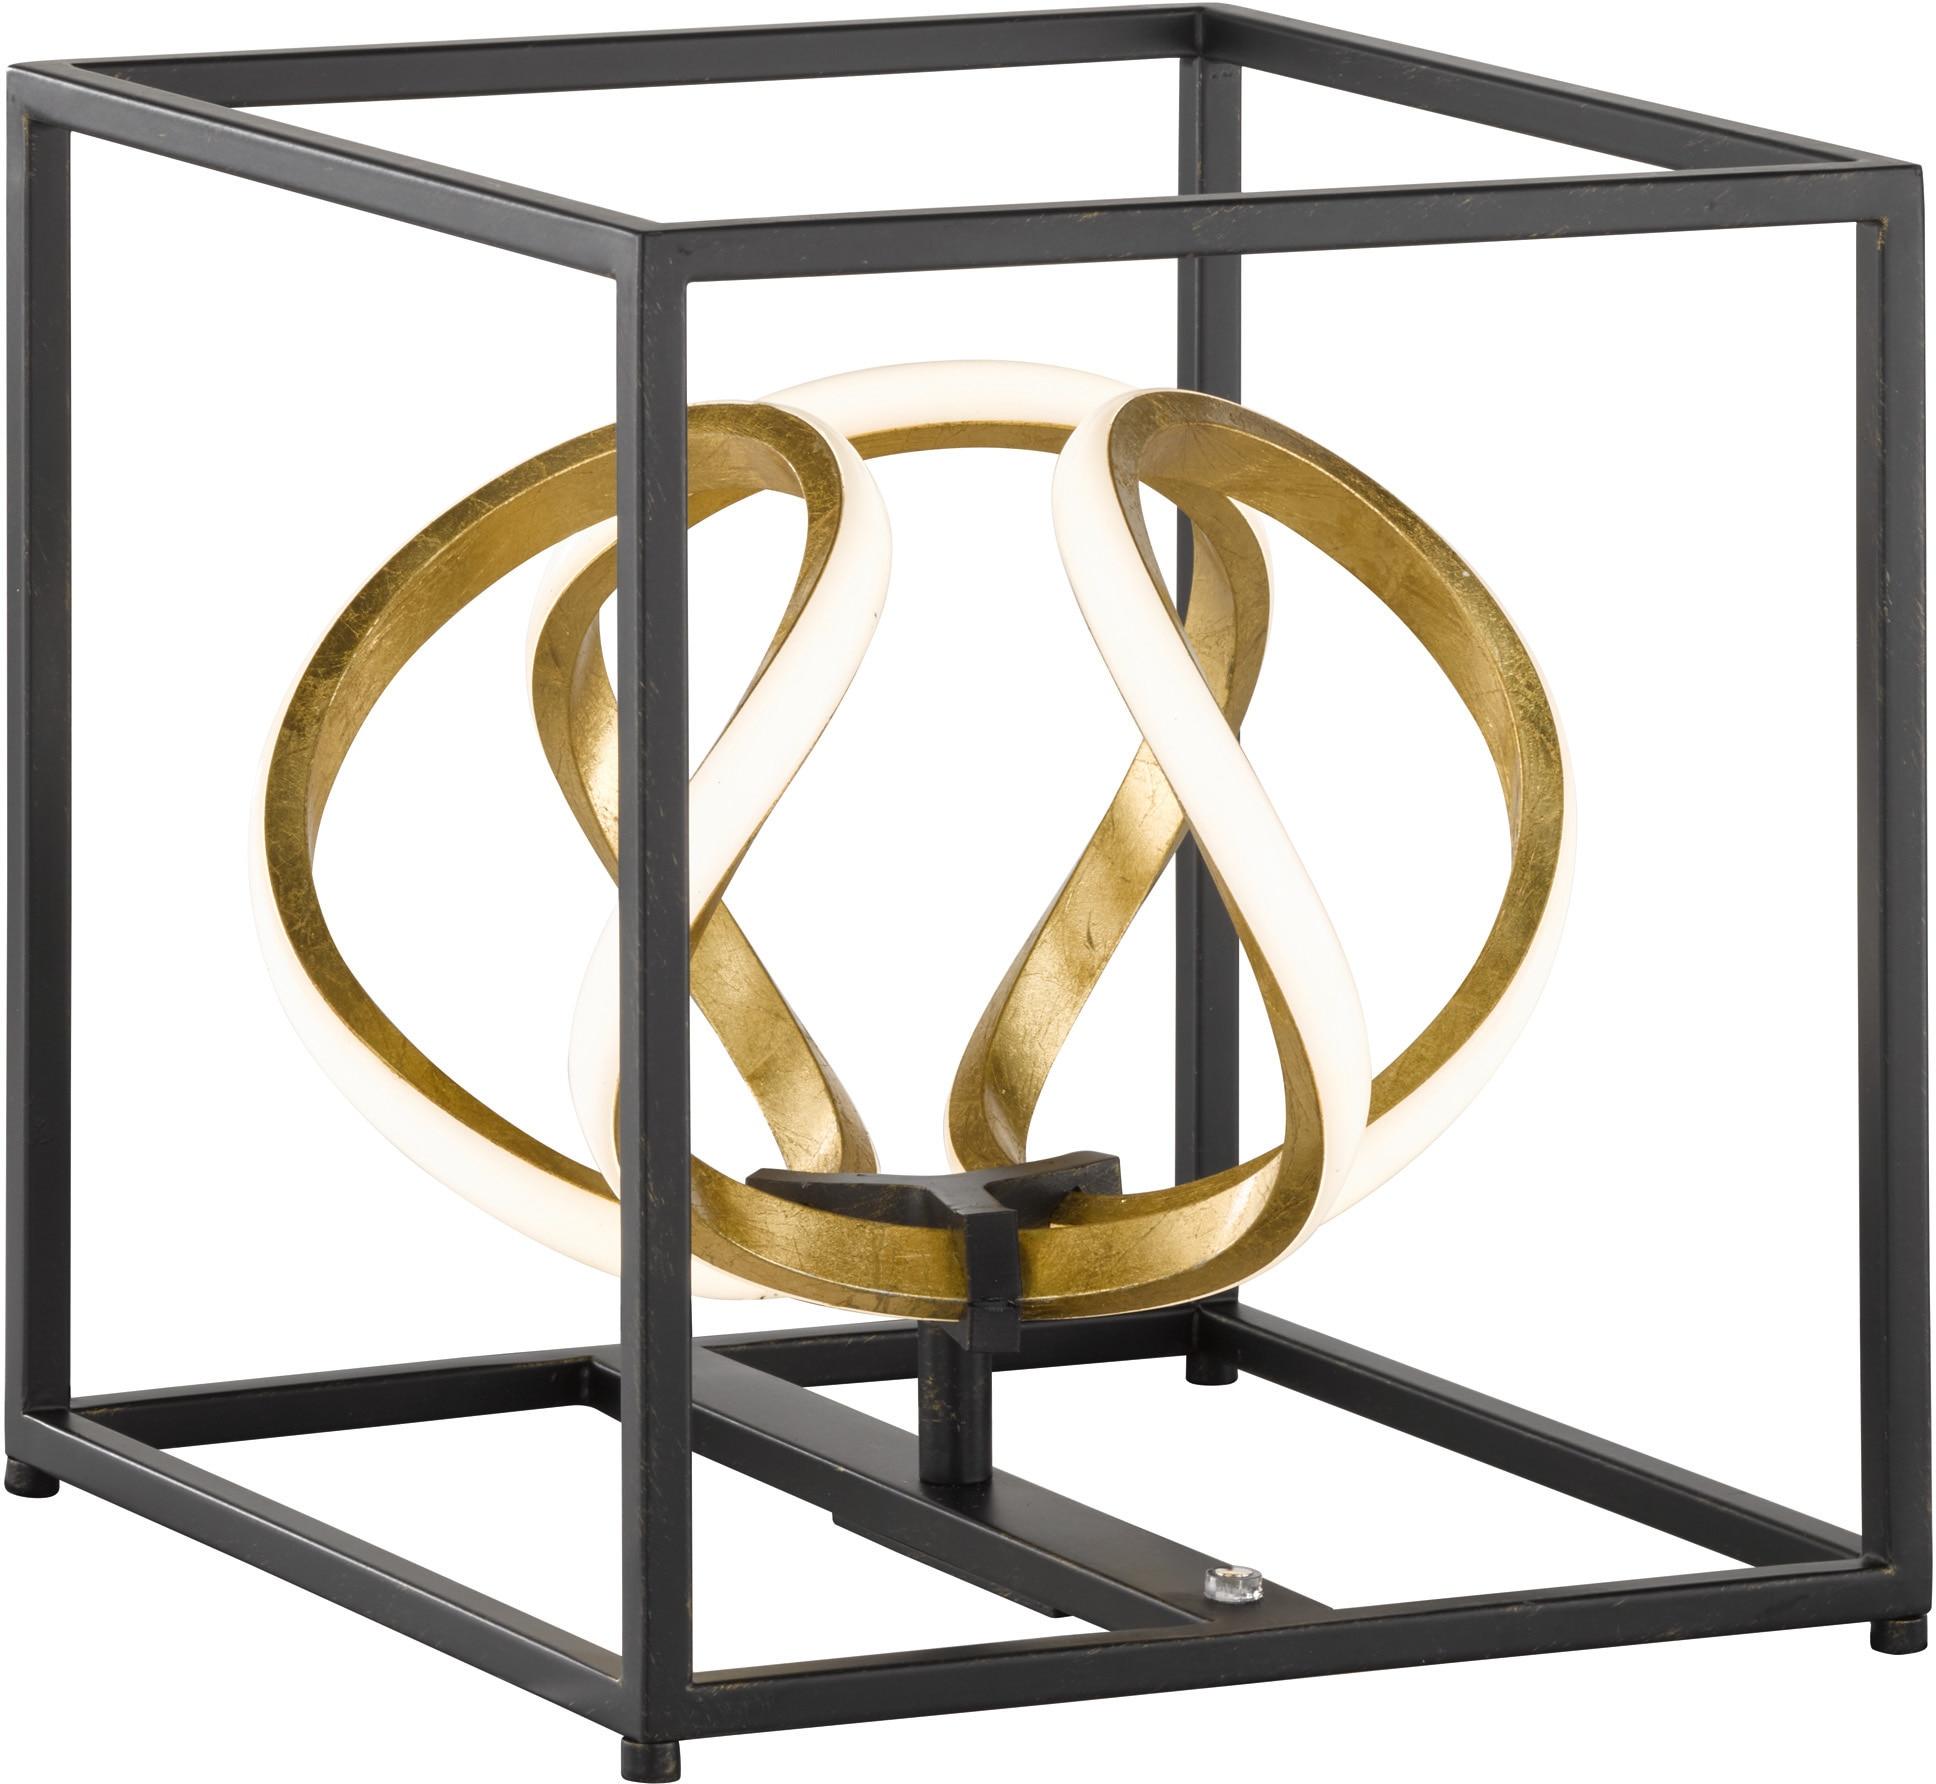 FISCHER & HONSEL LED Tischleuchte Gesa, LED-Modul, Warmweiß